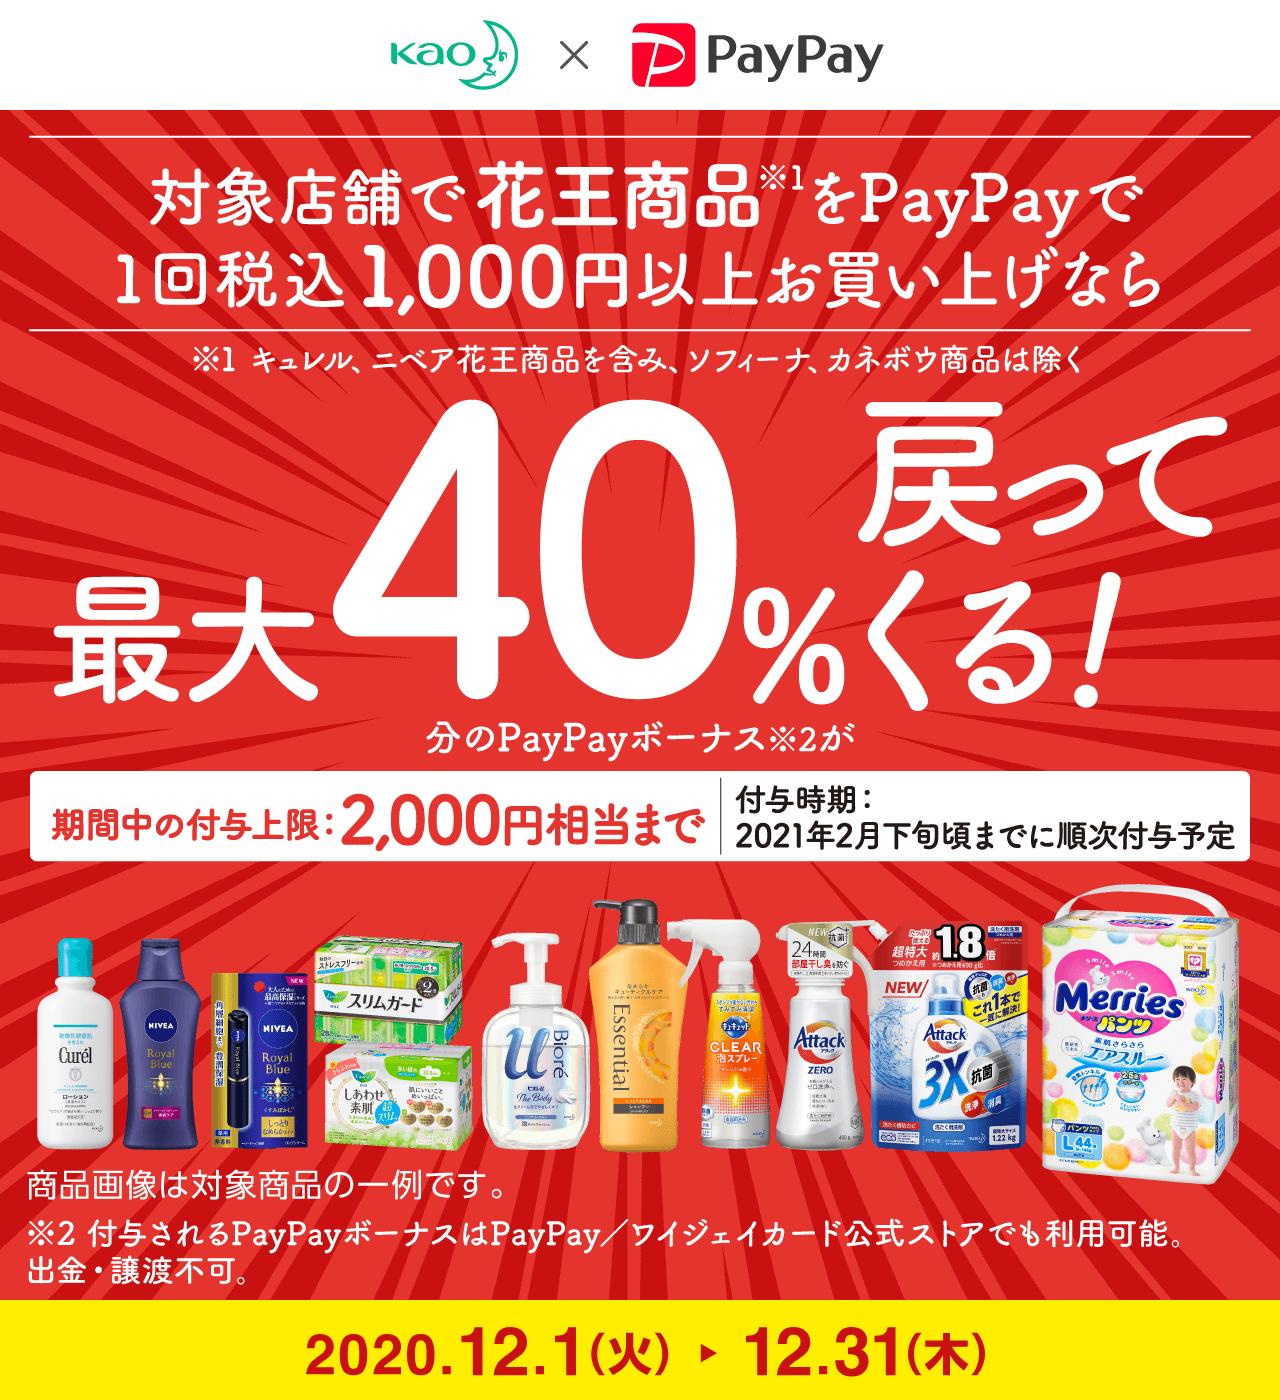 対象店舗で花王商品をPayPayで1回税込1,000円以上お買い上げなら最大40%戻ってくる!